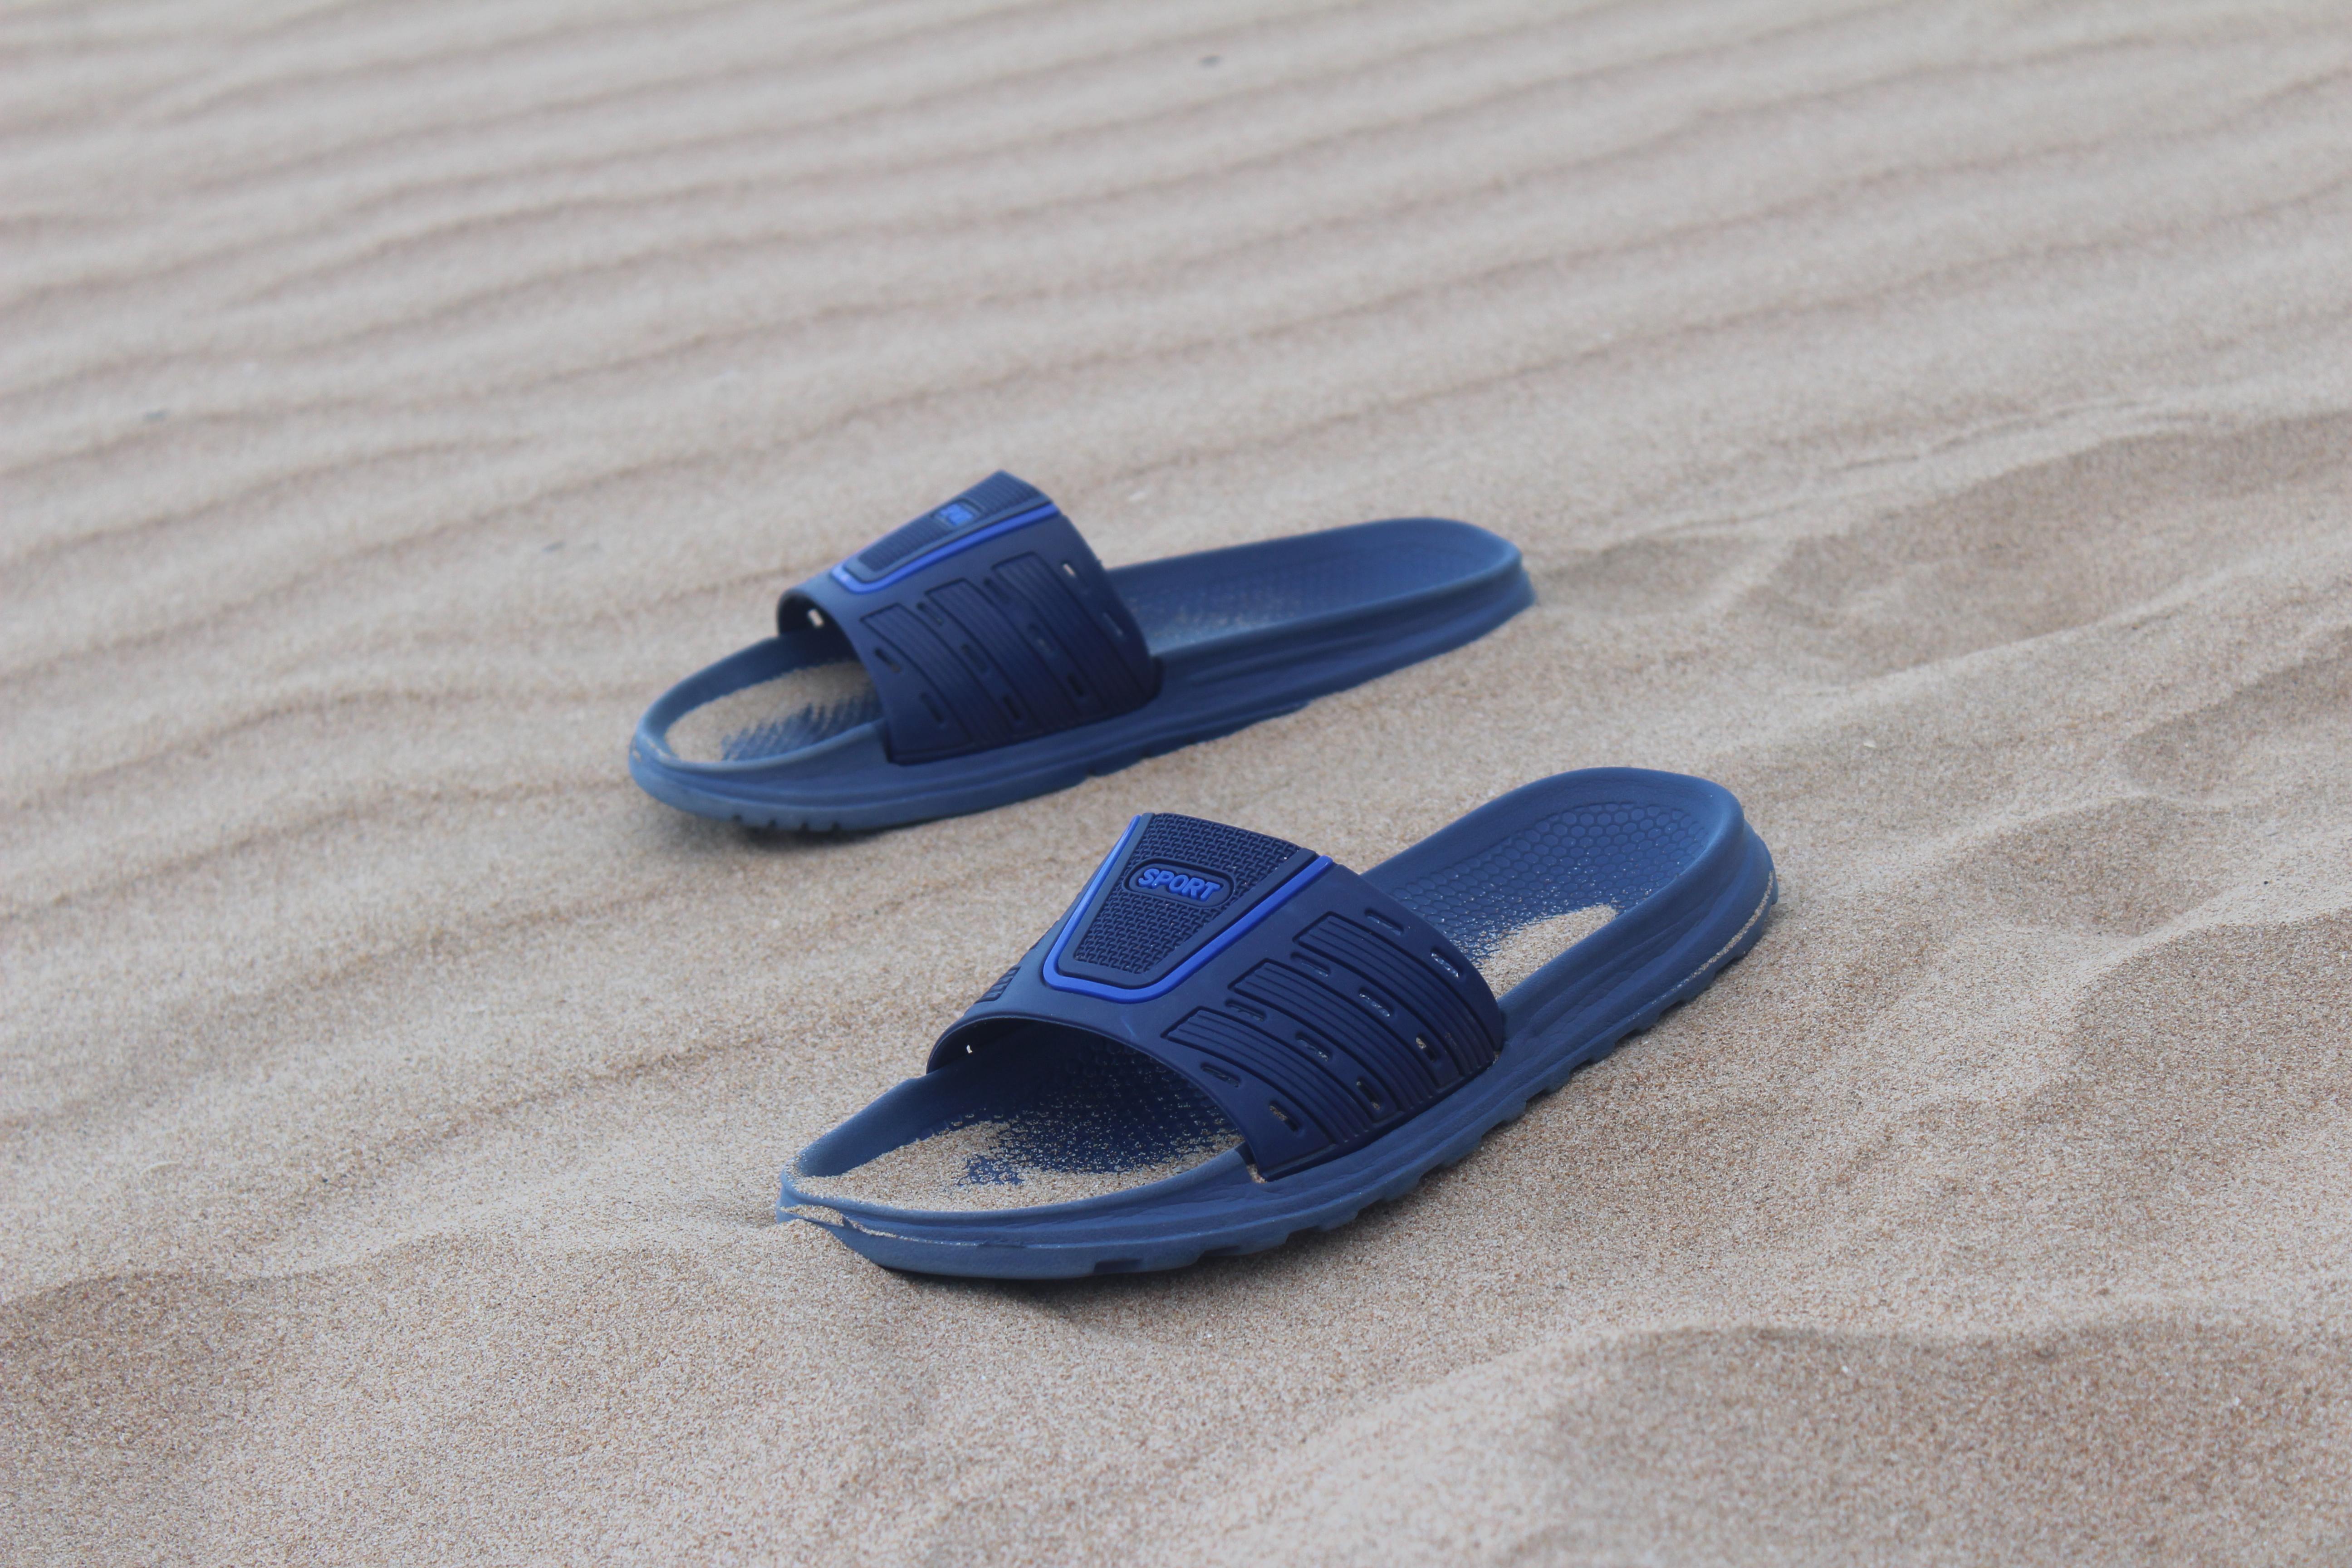 differently 9f9fb a1d5f Slide (footwear) - Wikipedia